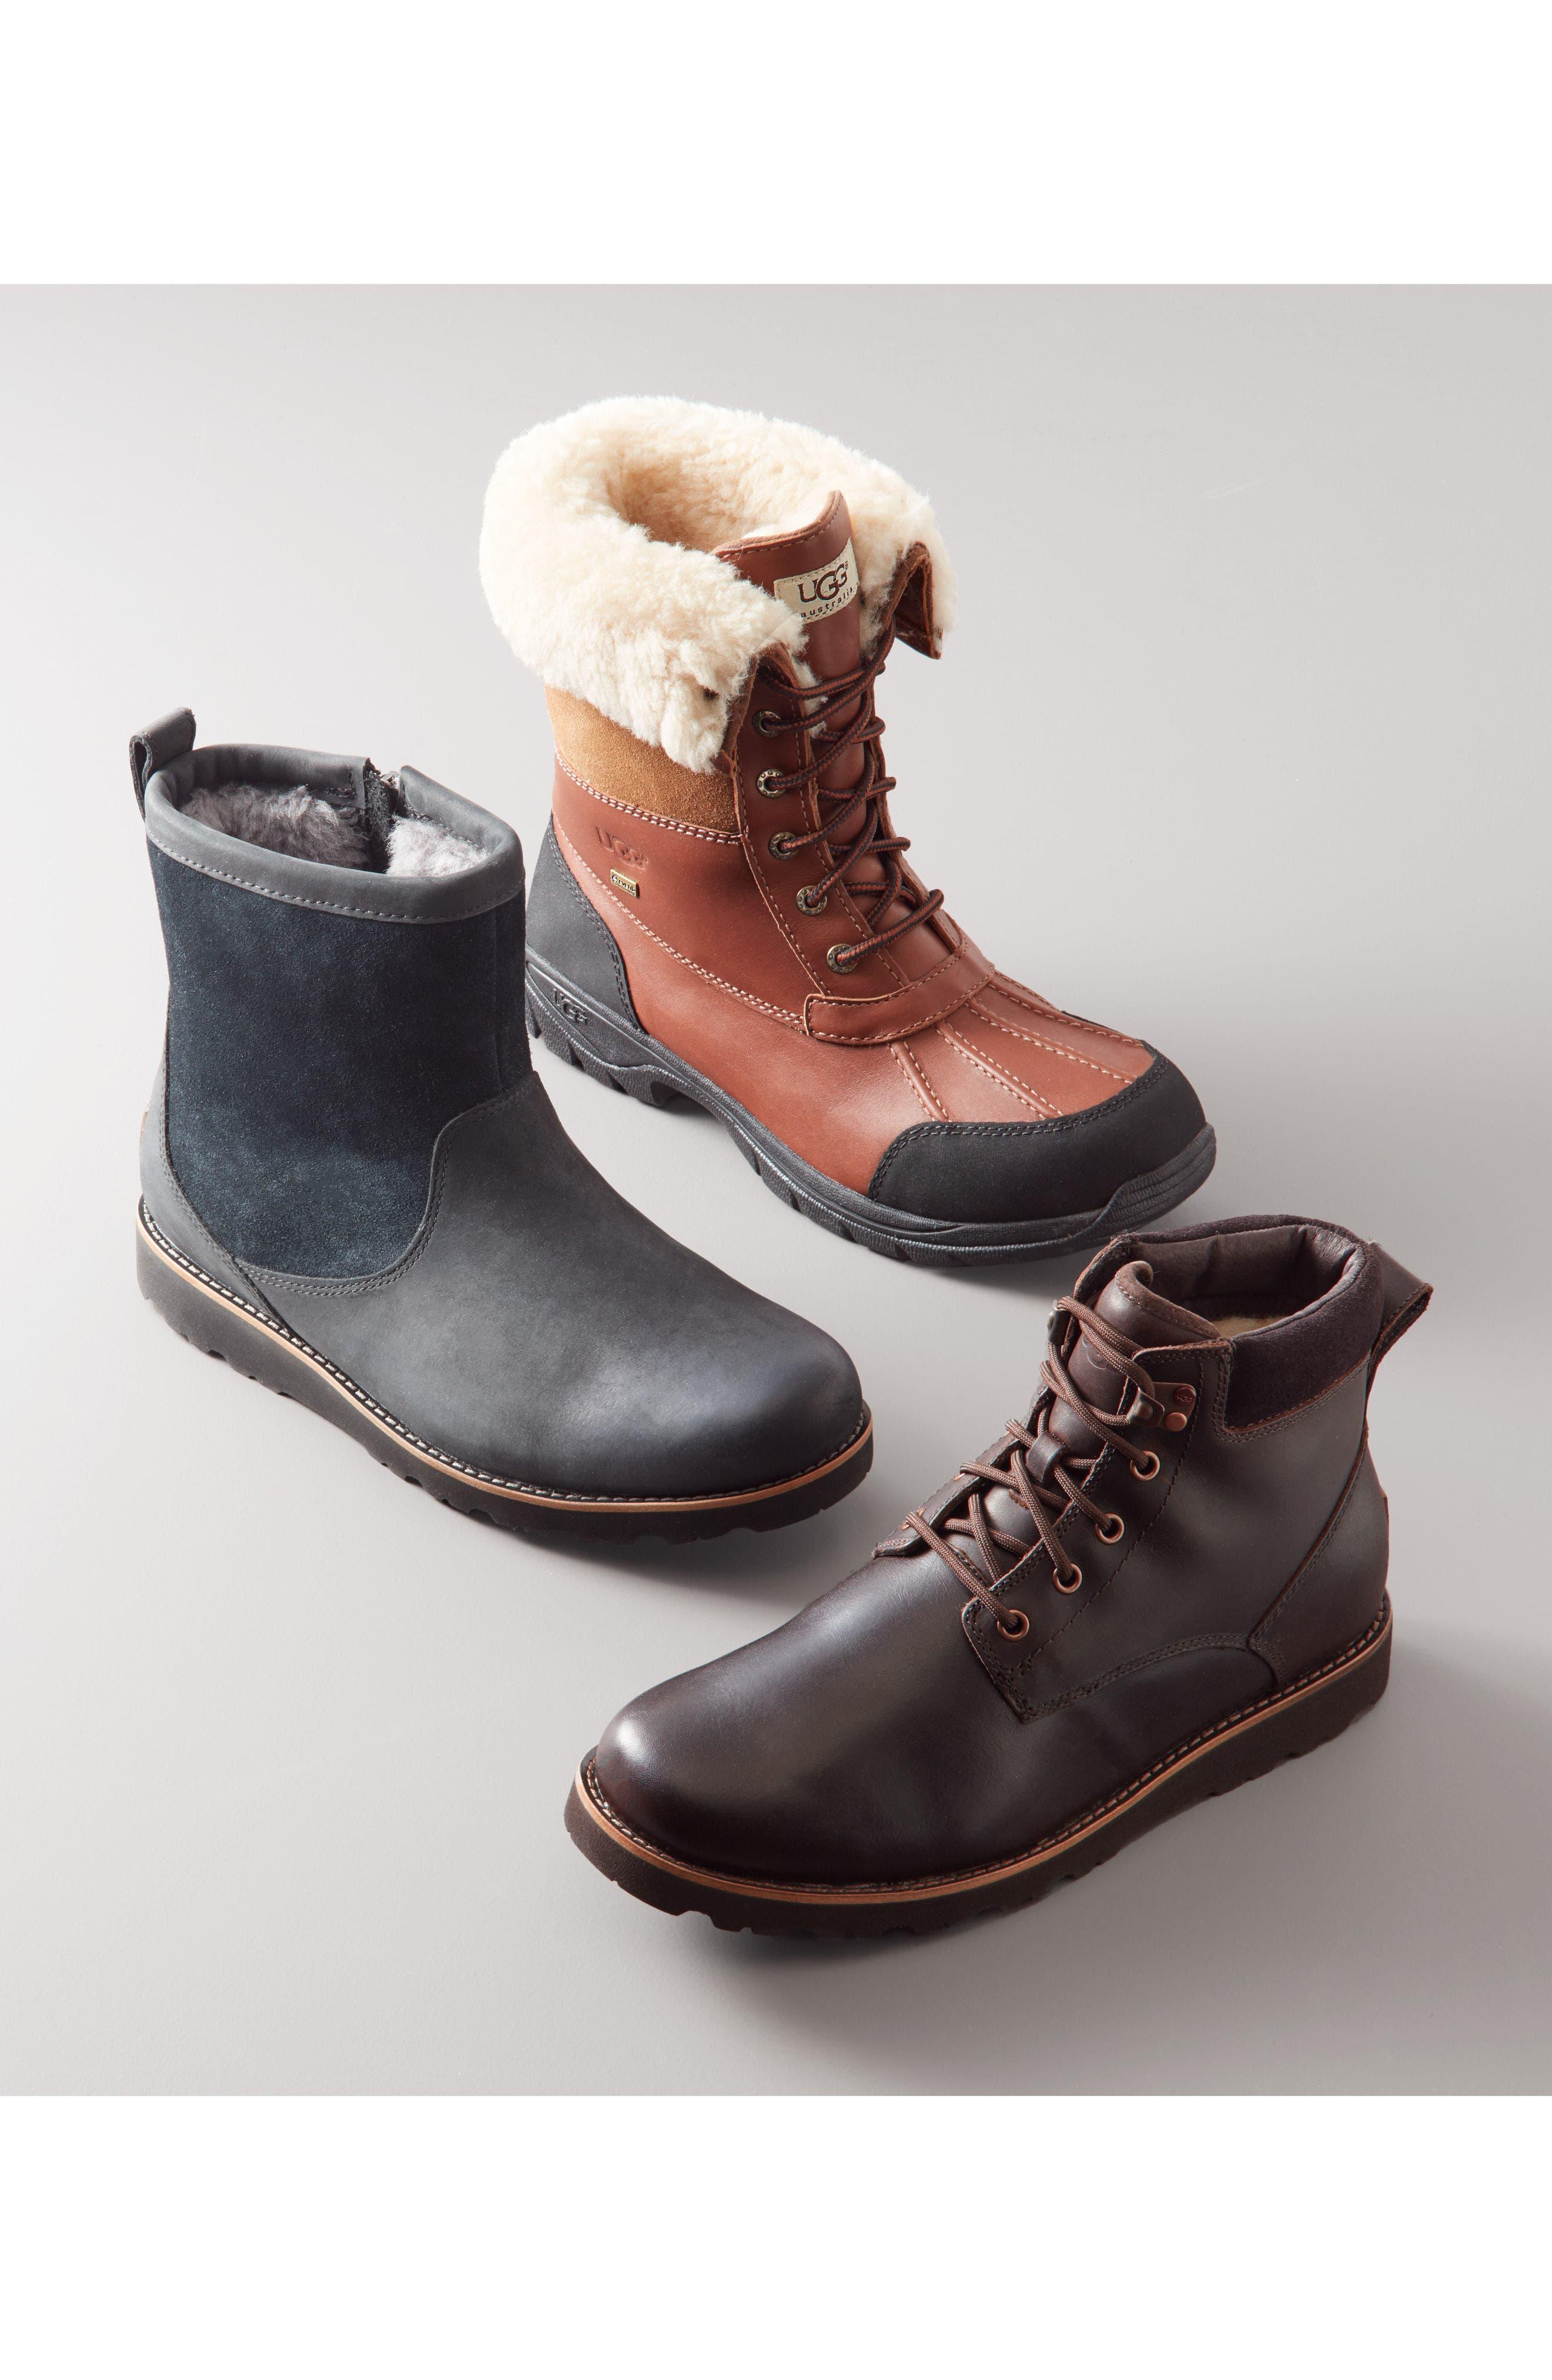 32bb2e3be97 Australia Hendren Tl Waterproof Side Zip Boots, Black